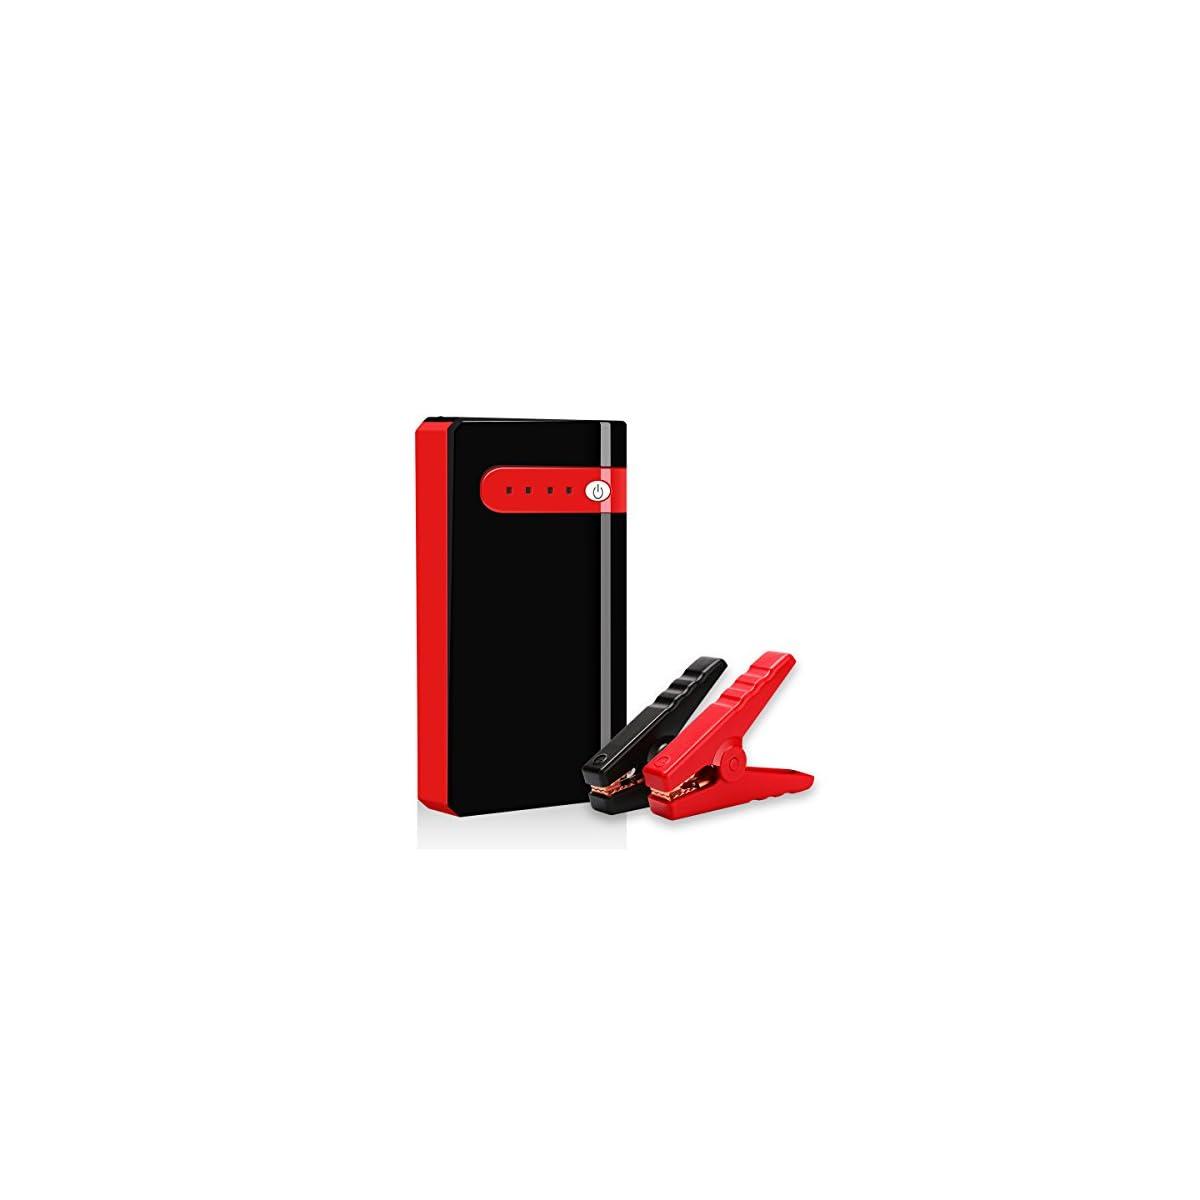 41CYBqWsgmL. SS1200  - Arrancador de Coche Portatil 10000mAh 500A Jump Starter Power Bank Arrancador de Moto Arranque para 12V 2.5L Gasolina Batería Externa Recargable, LED Flashlight, Multifunción con Inteligente Cables